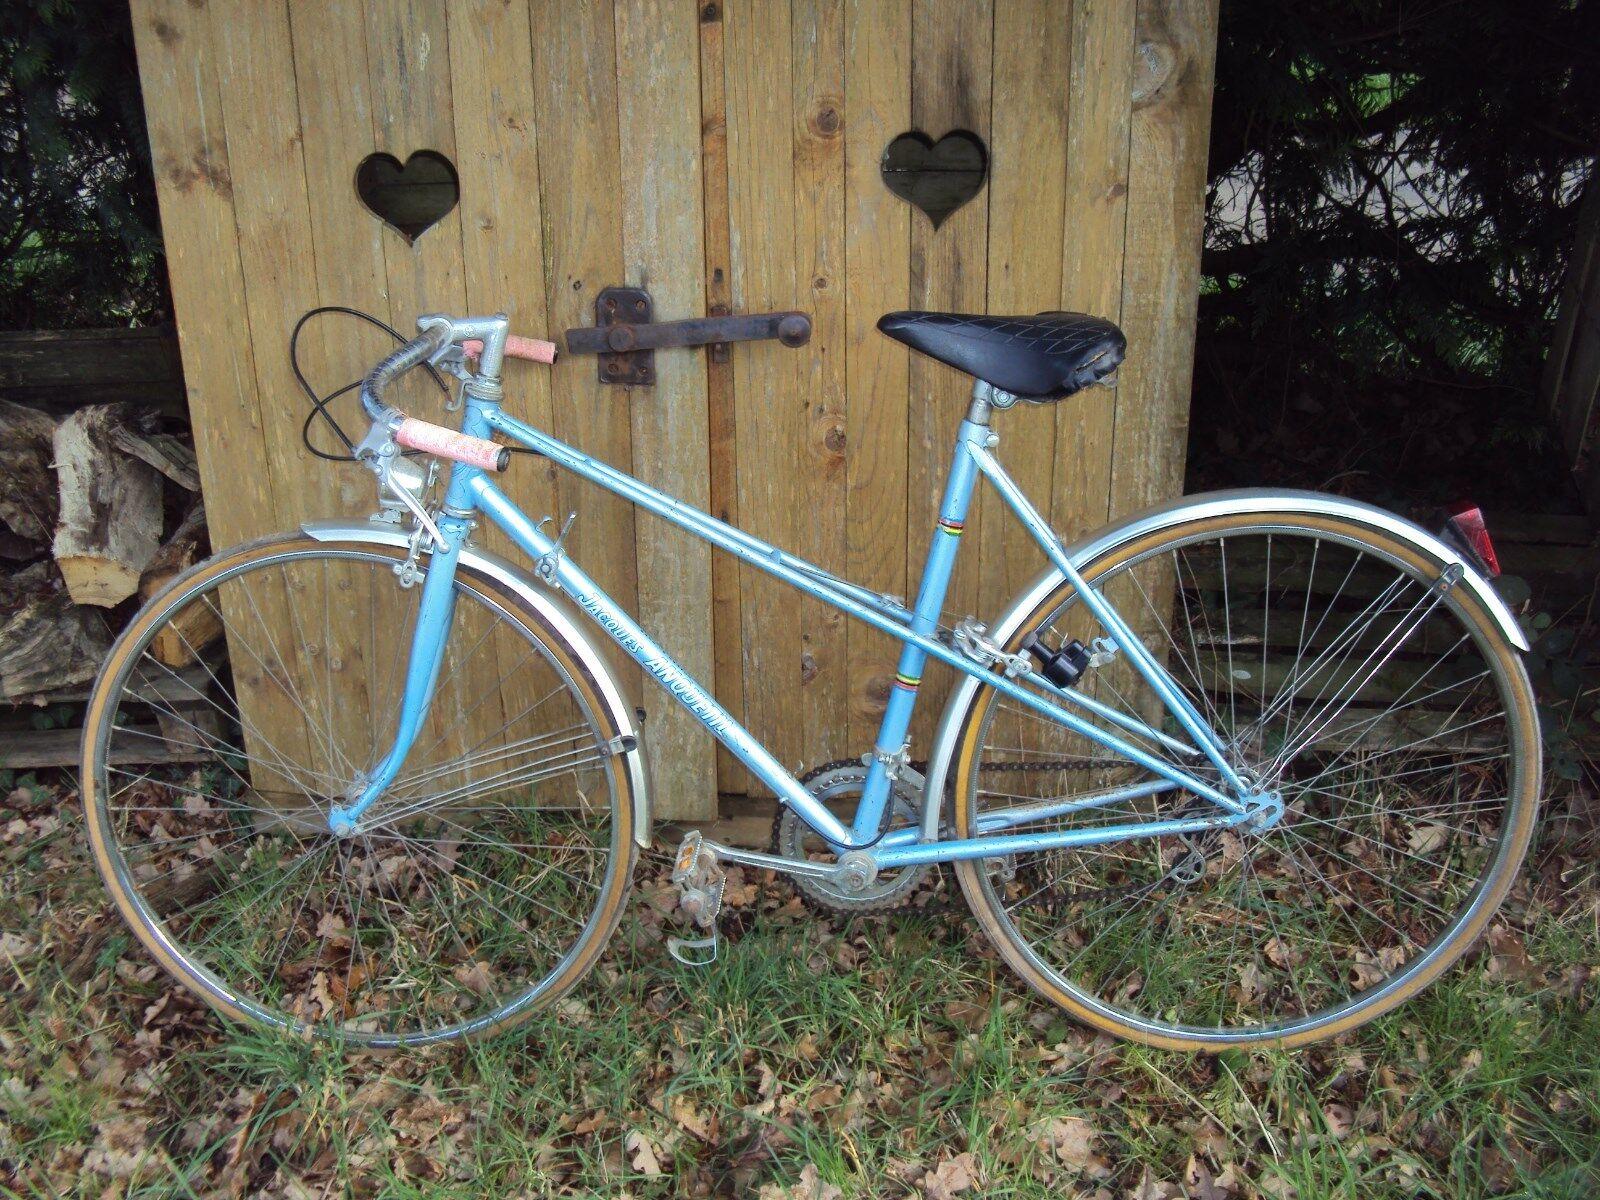 De Velo Course Femme Blue Ancien Anquetil Jacques Gqeqcc8c47644